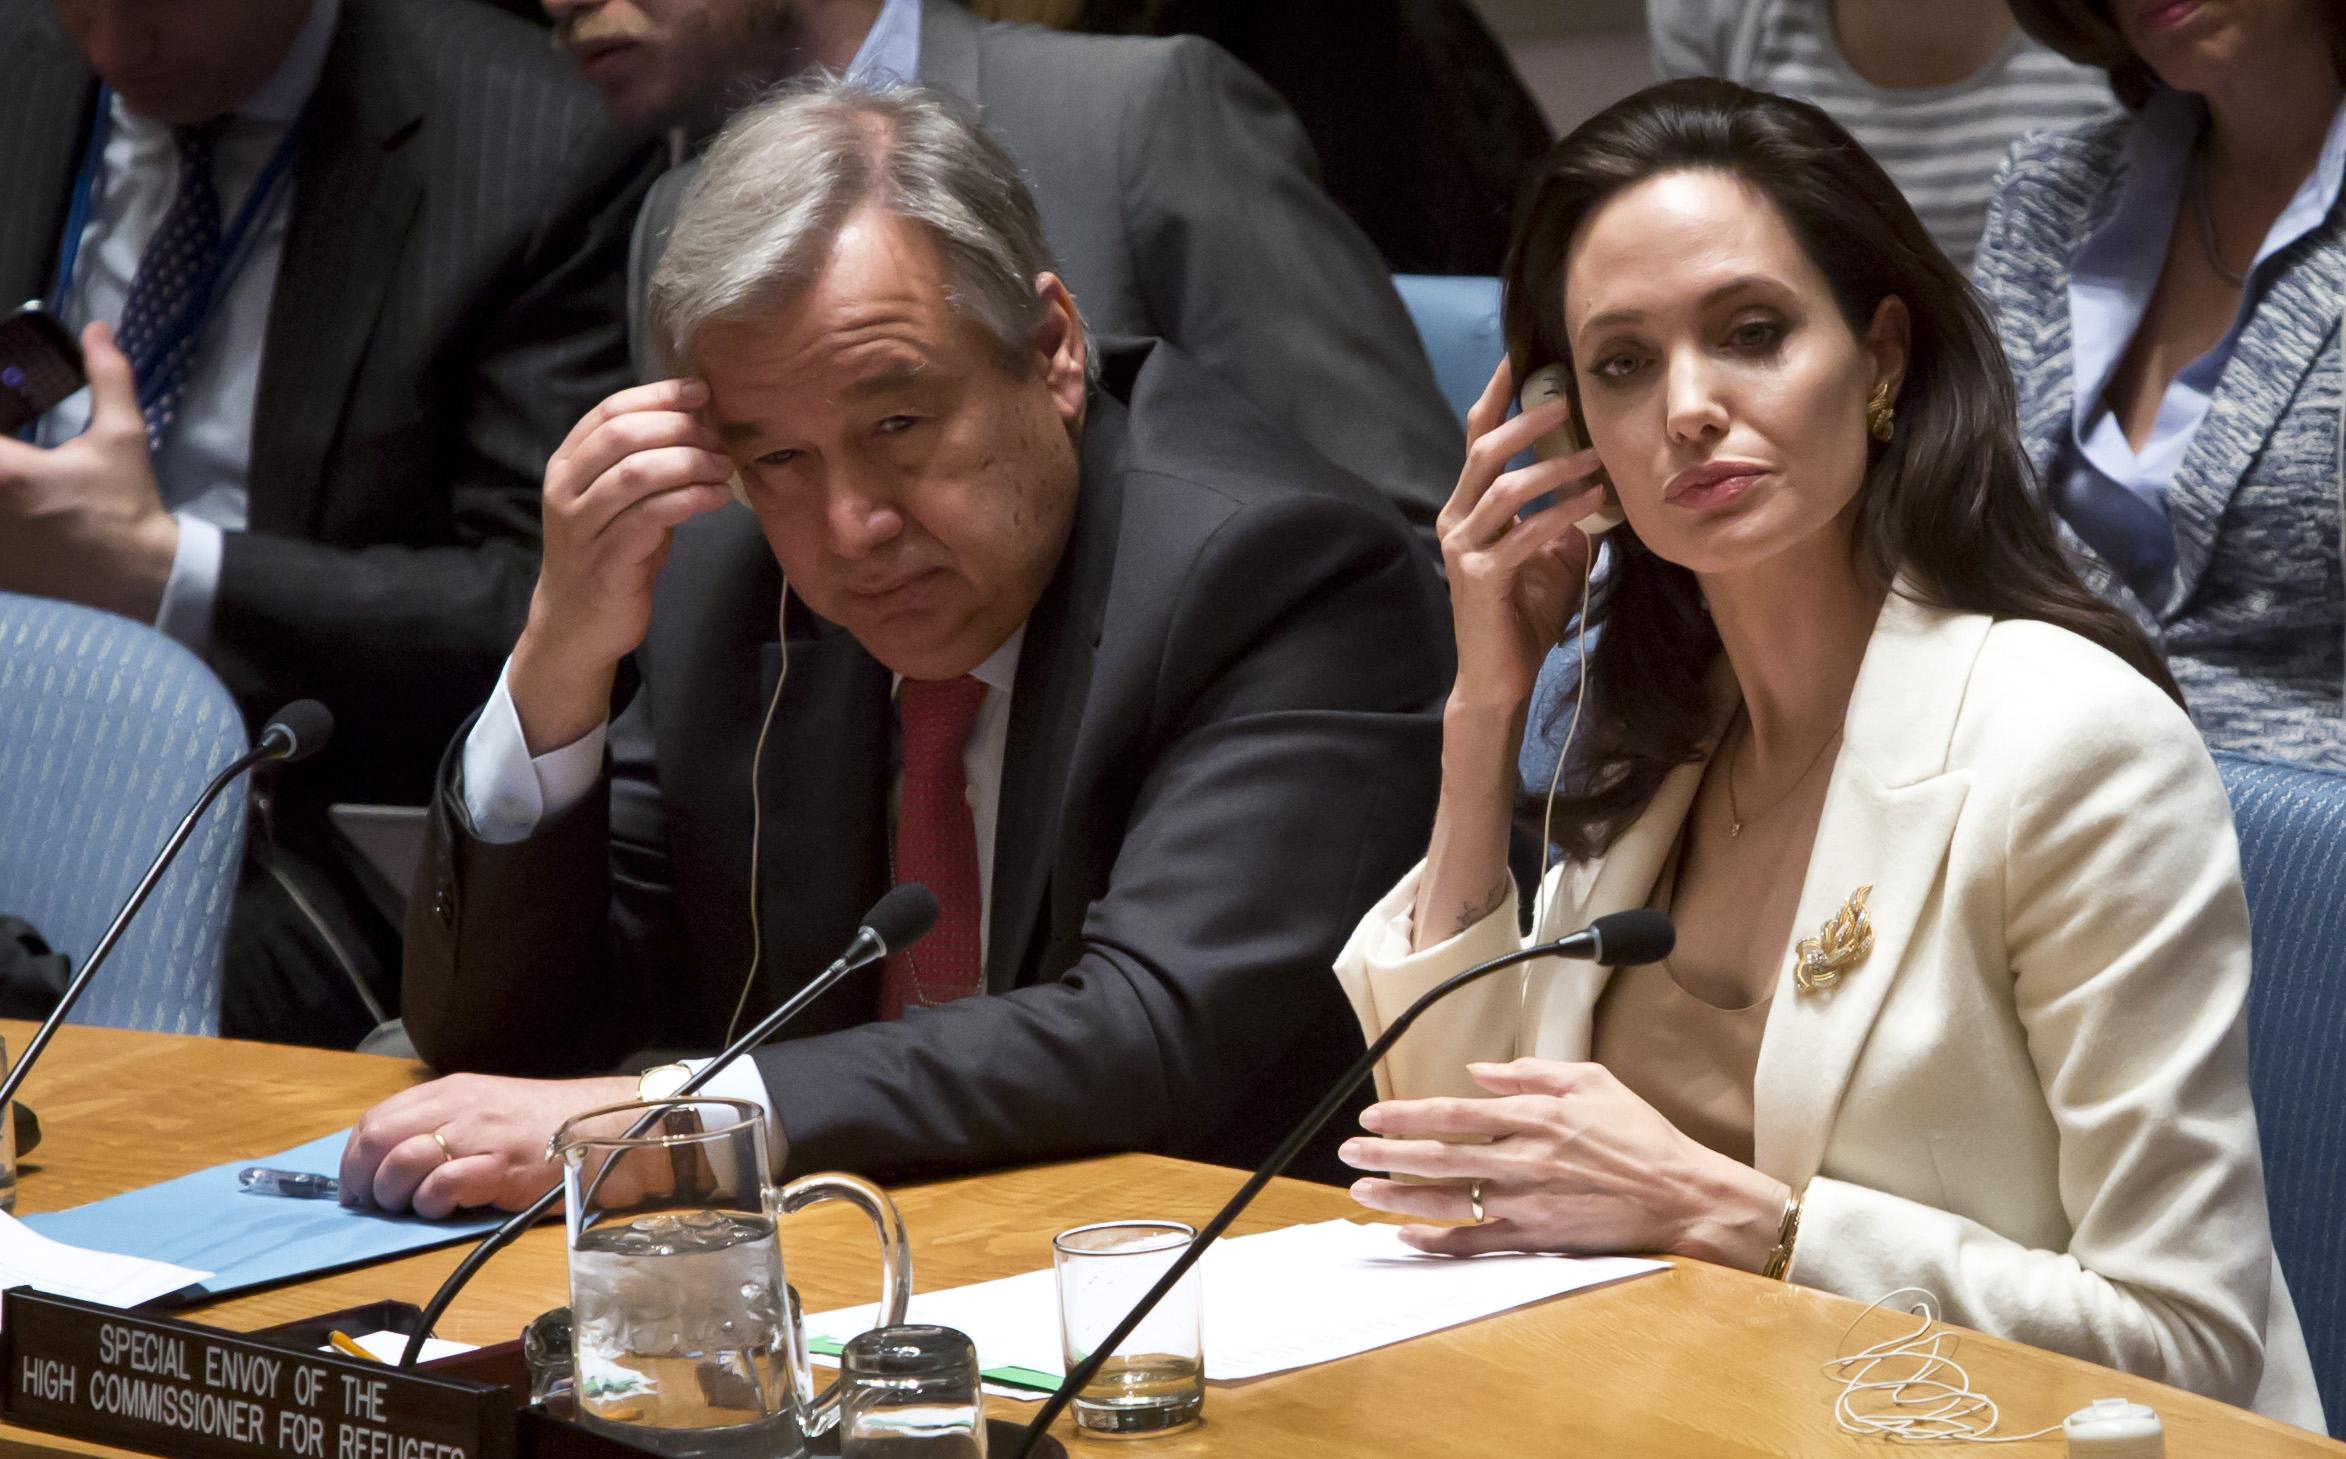 António Guterres com a atriz Angelina Jolie numa reunião sobre refugiados.